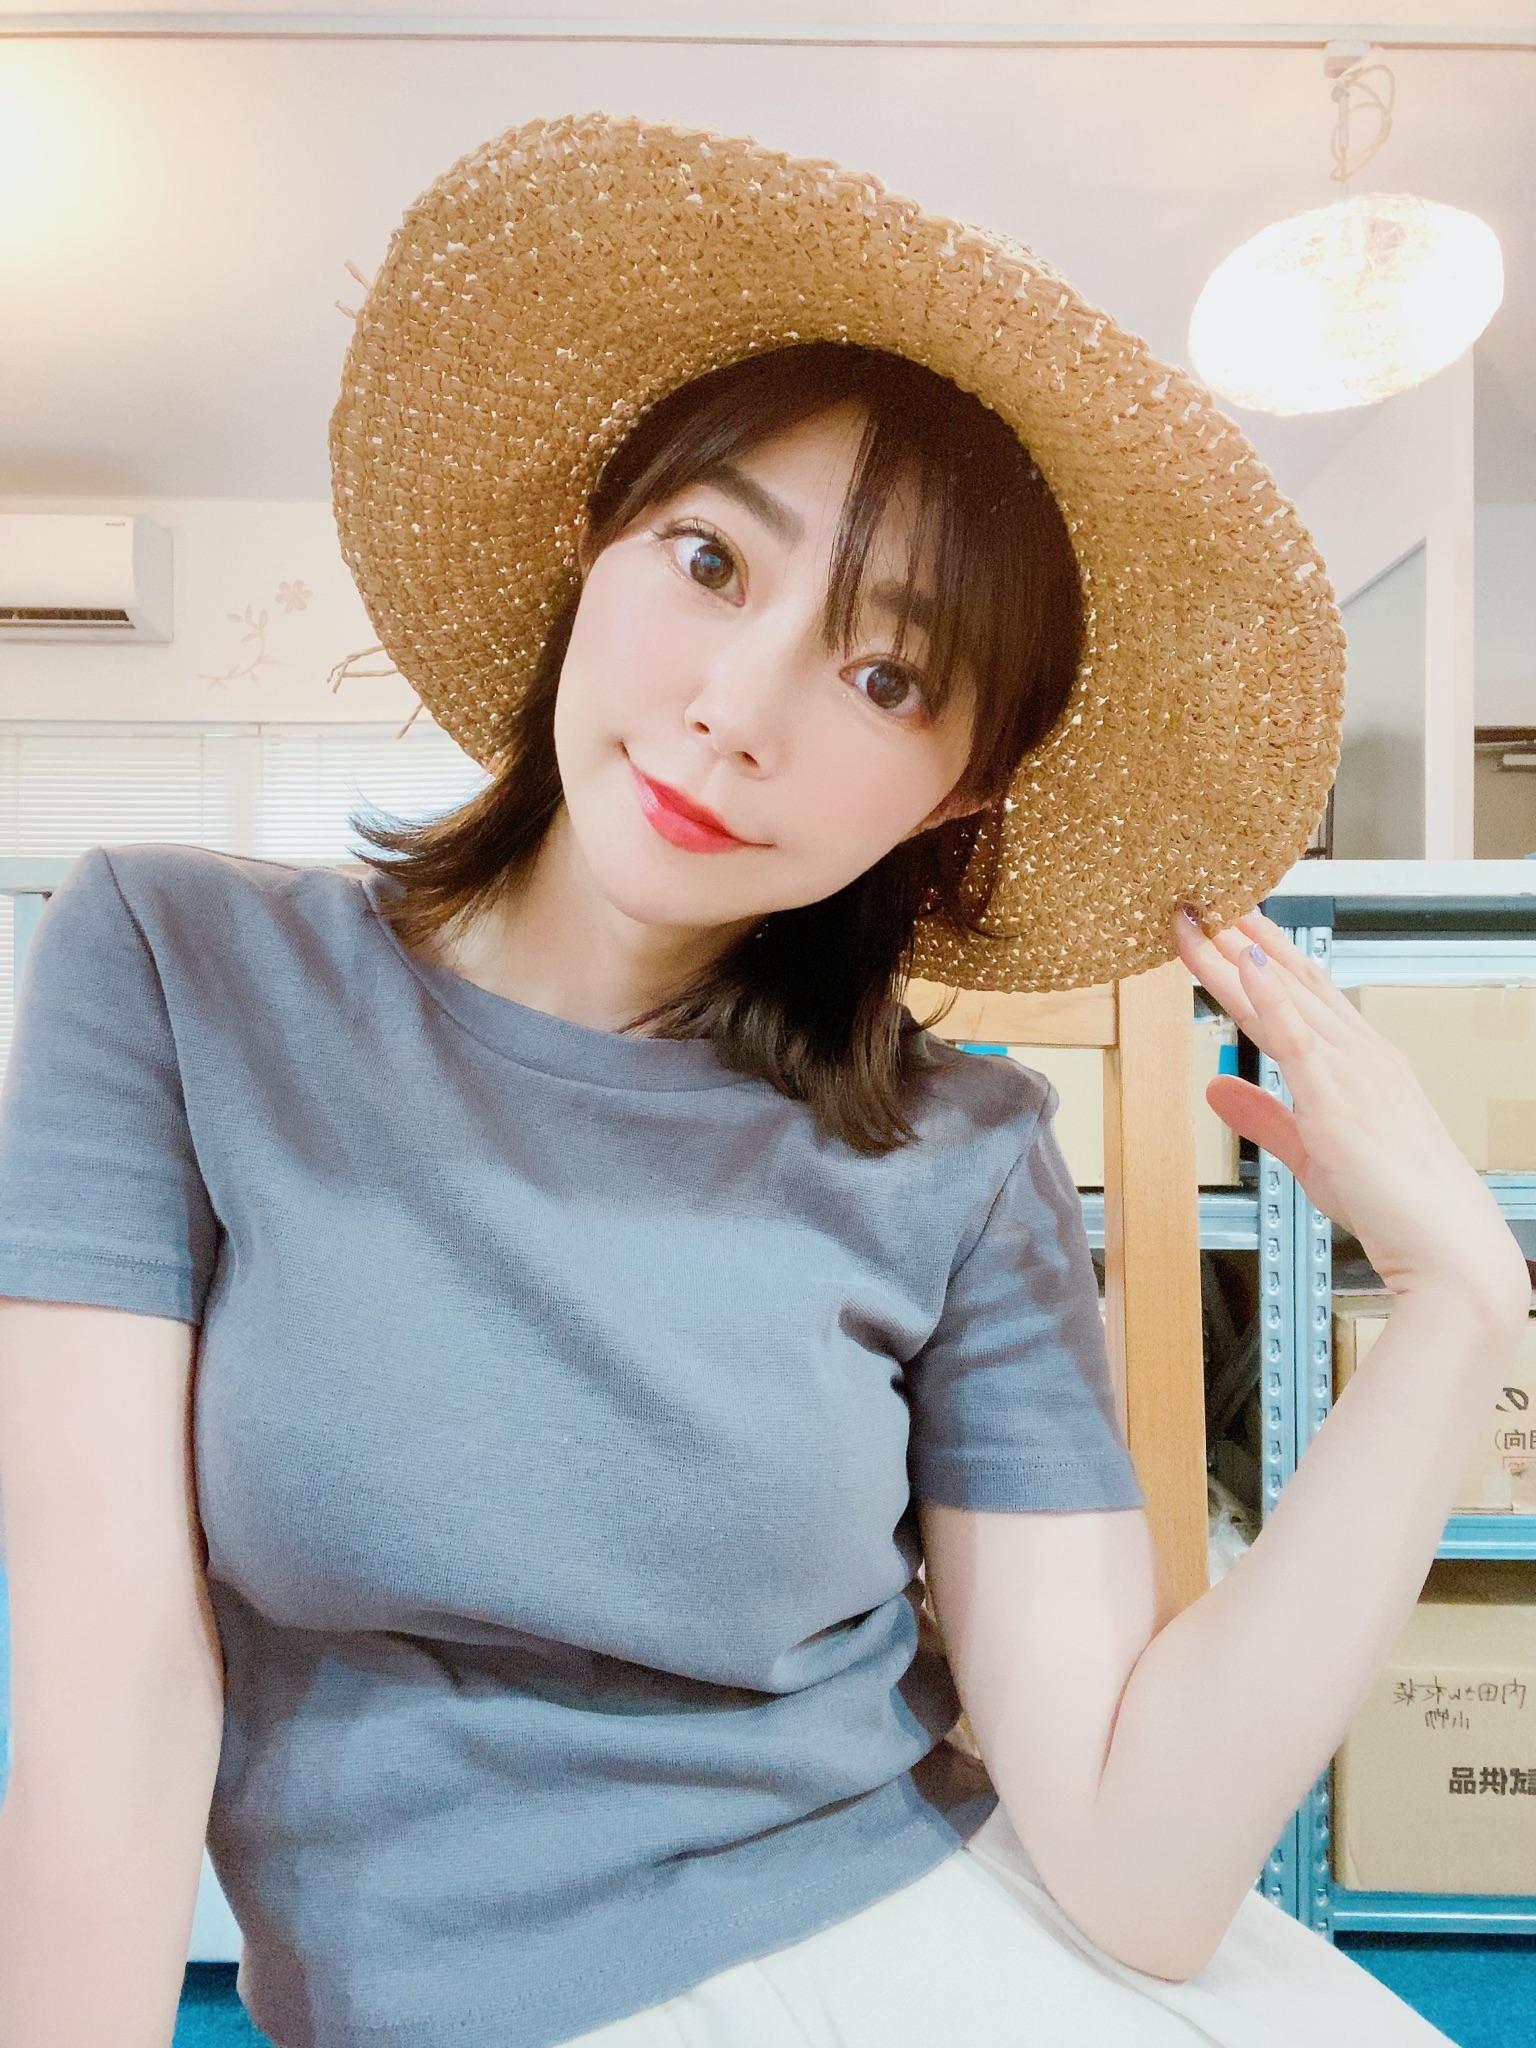 【画像】声優の伊瀬茉莉也さん(32)、シコられたい欲が出てしまうw